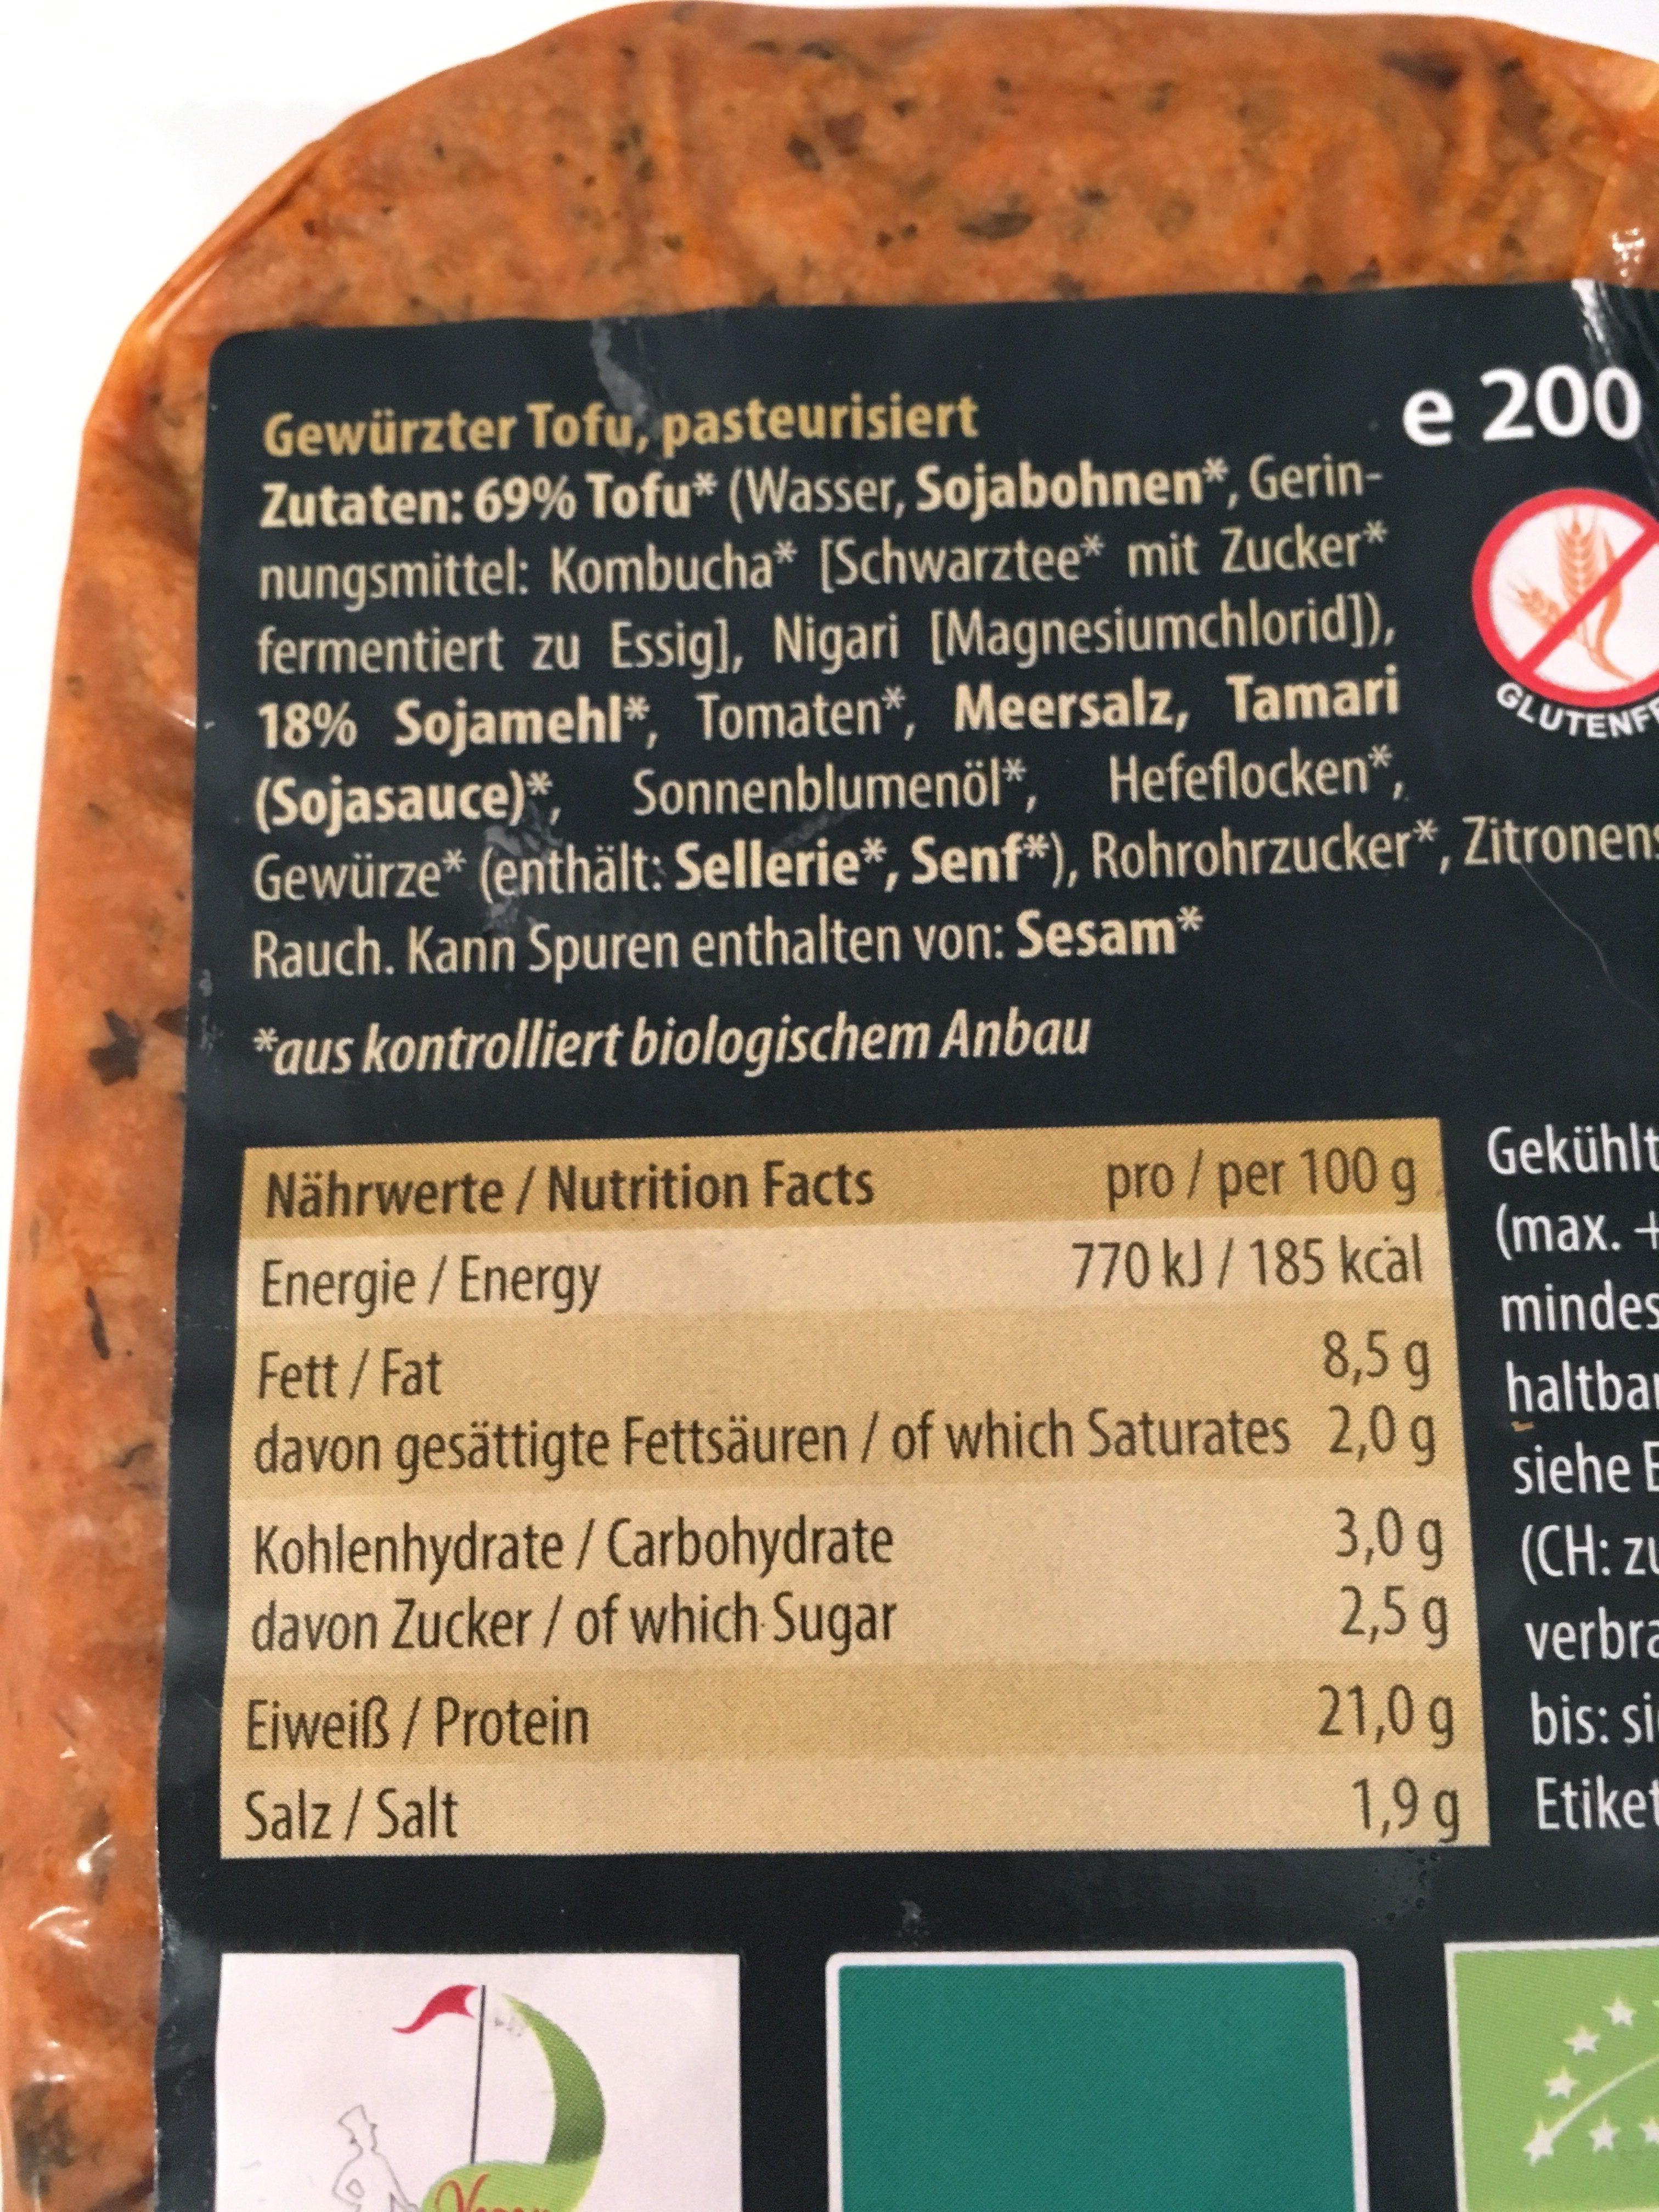 Astounding Tofu Nährwerte Sammlung Von Haché - Ingredients